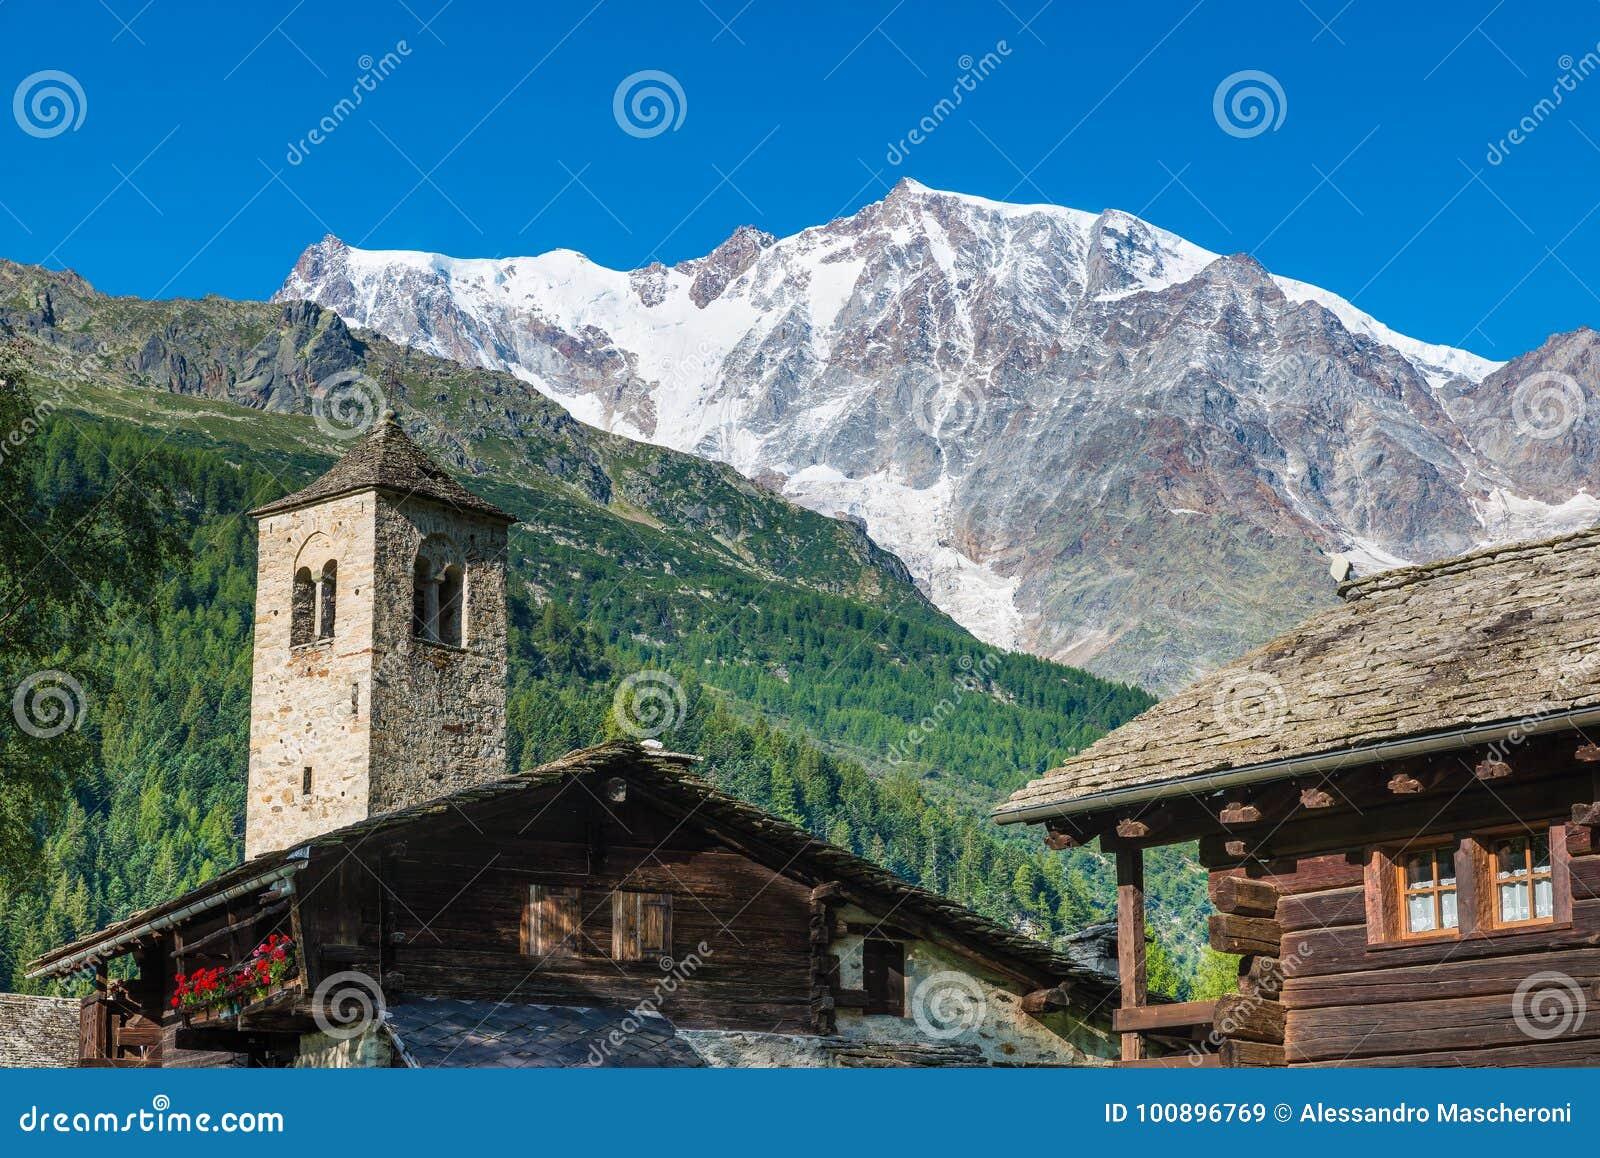 Große Berge Die Alpen mit Monte Rosa und die großartige Ostwand des Felsens und Eis von Macugnaga Staffa, Italien